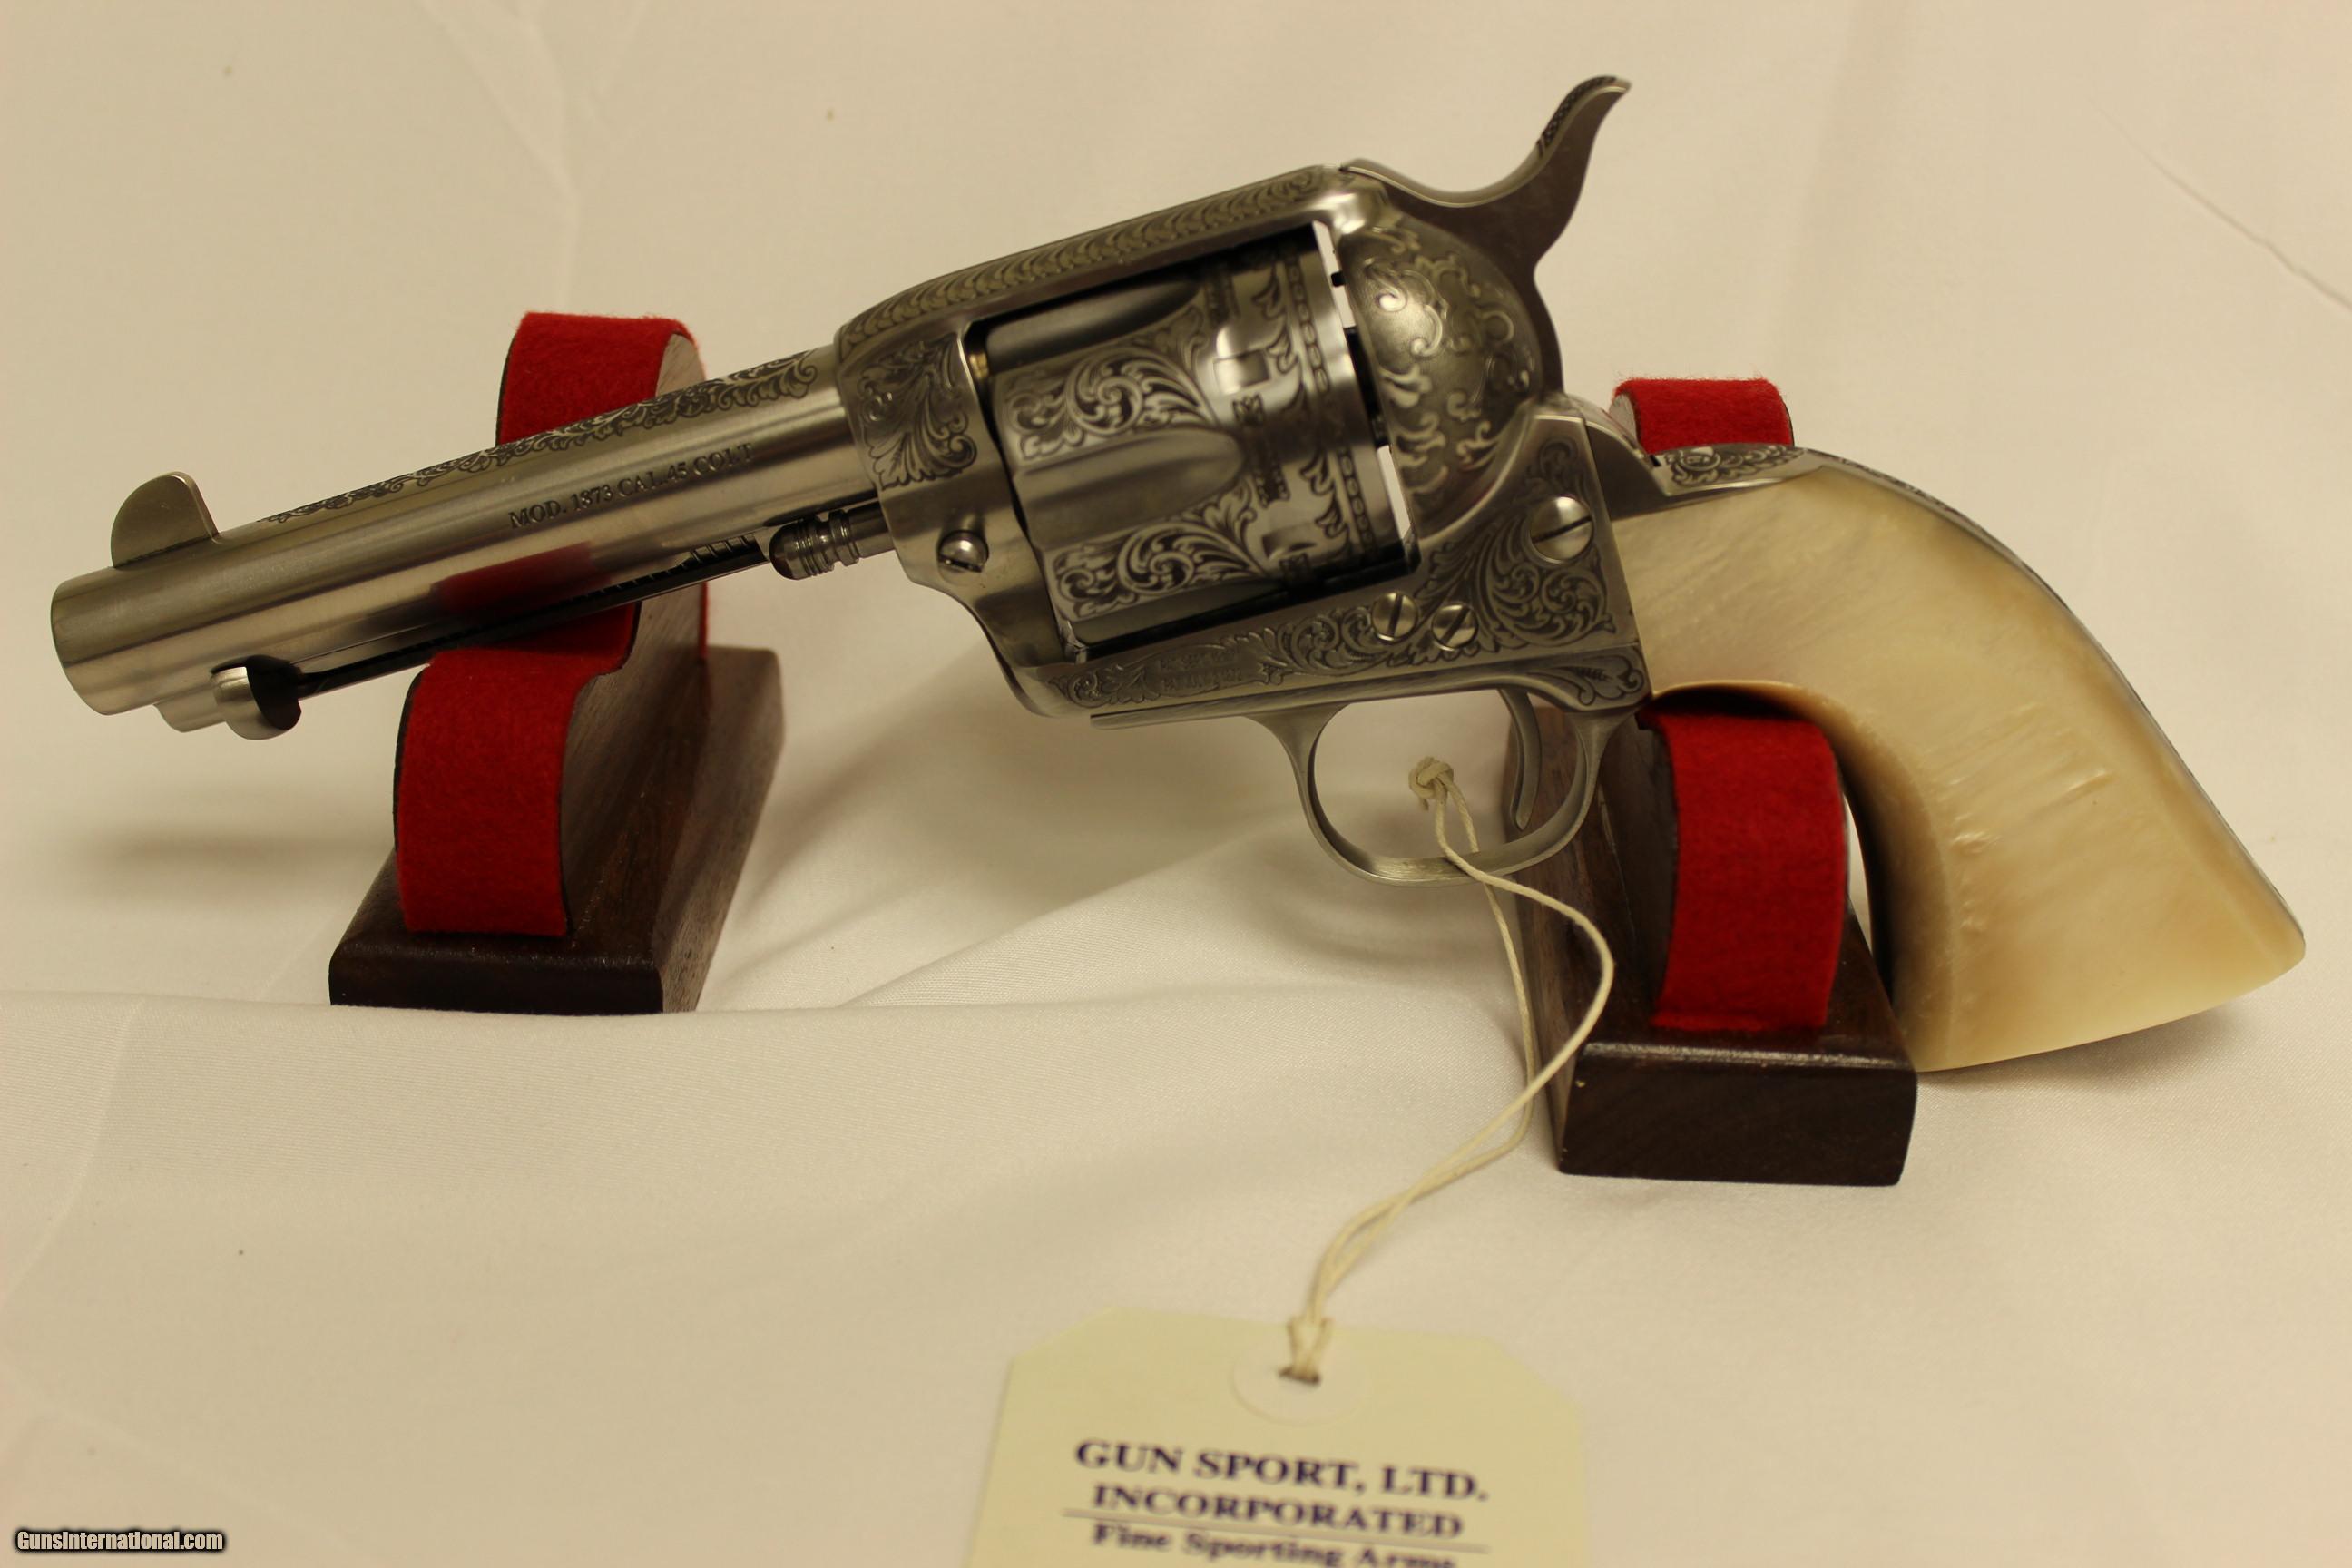 A Ubertistoeger 1873 Cattleman Engraved 45 Colt